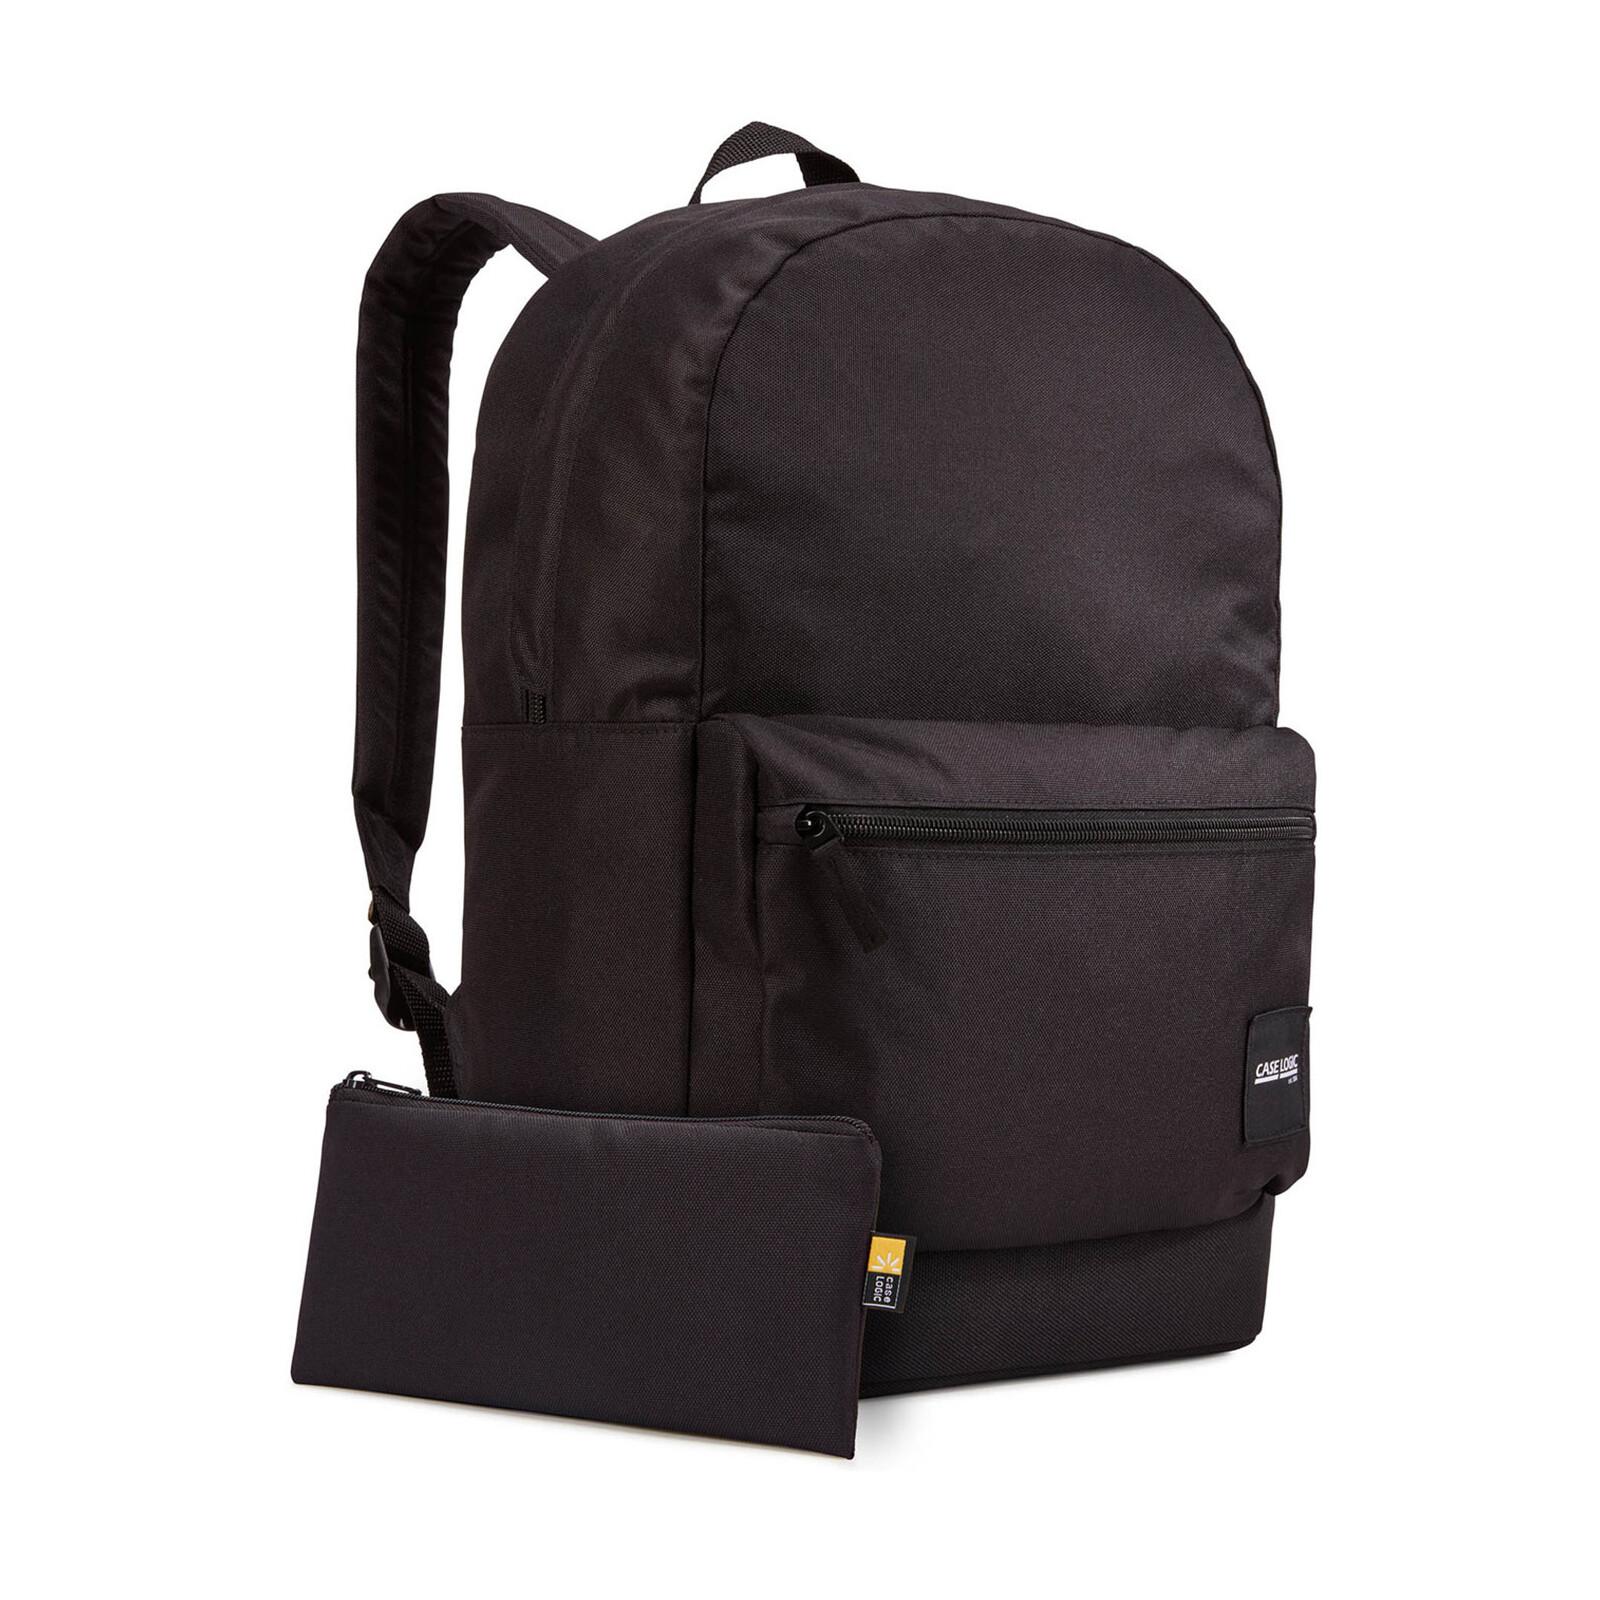 CaseLogic Commence 24L Backpack schwarz